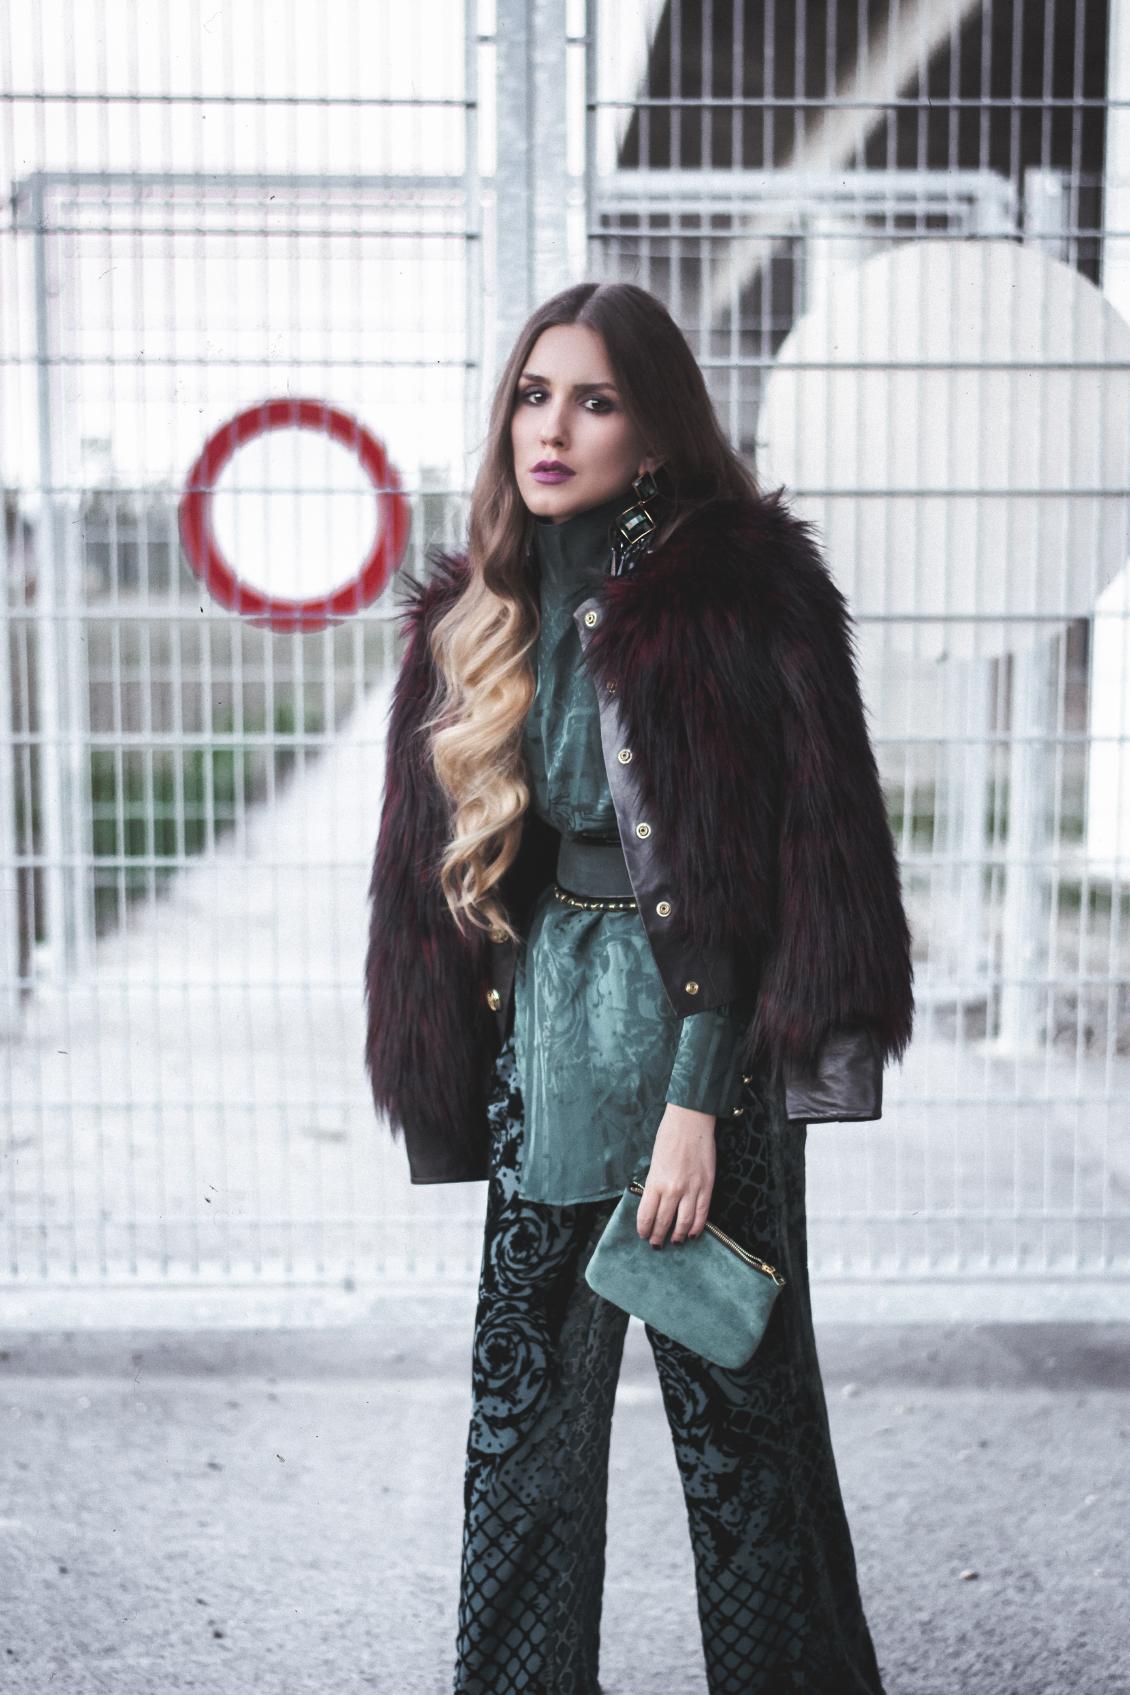 Balmain x H&M outfits